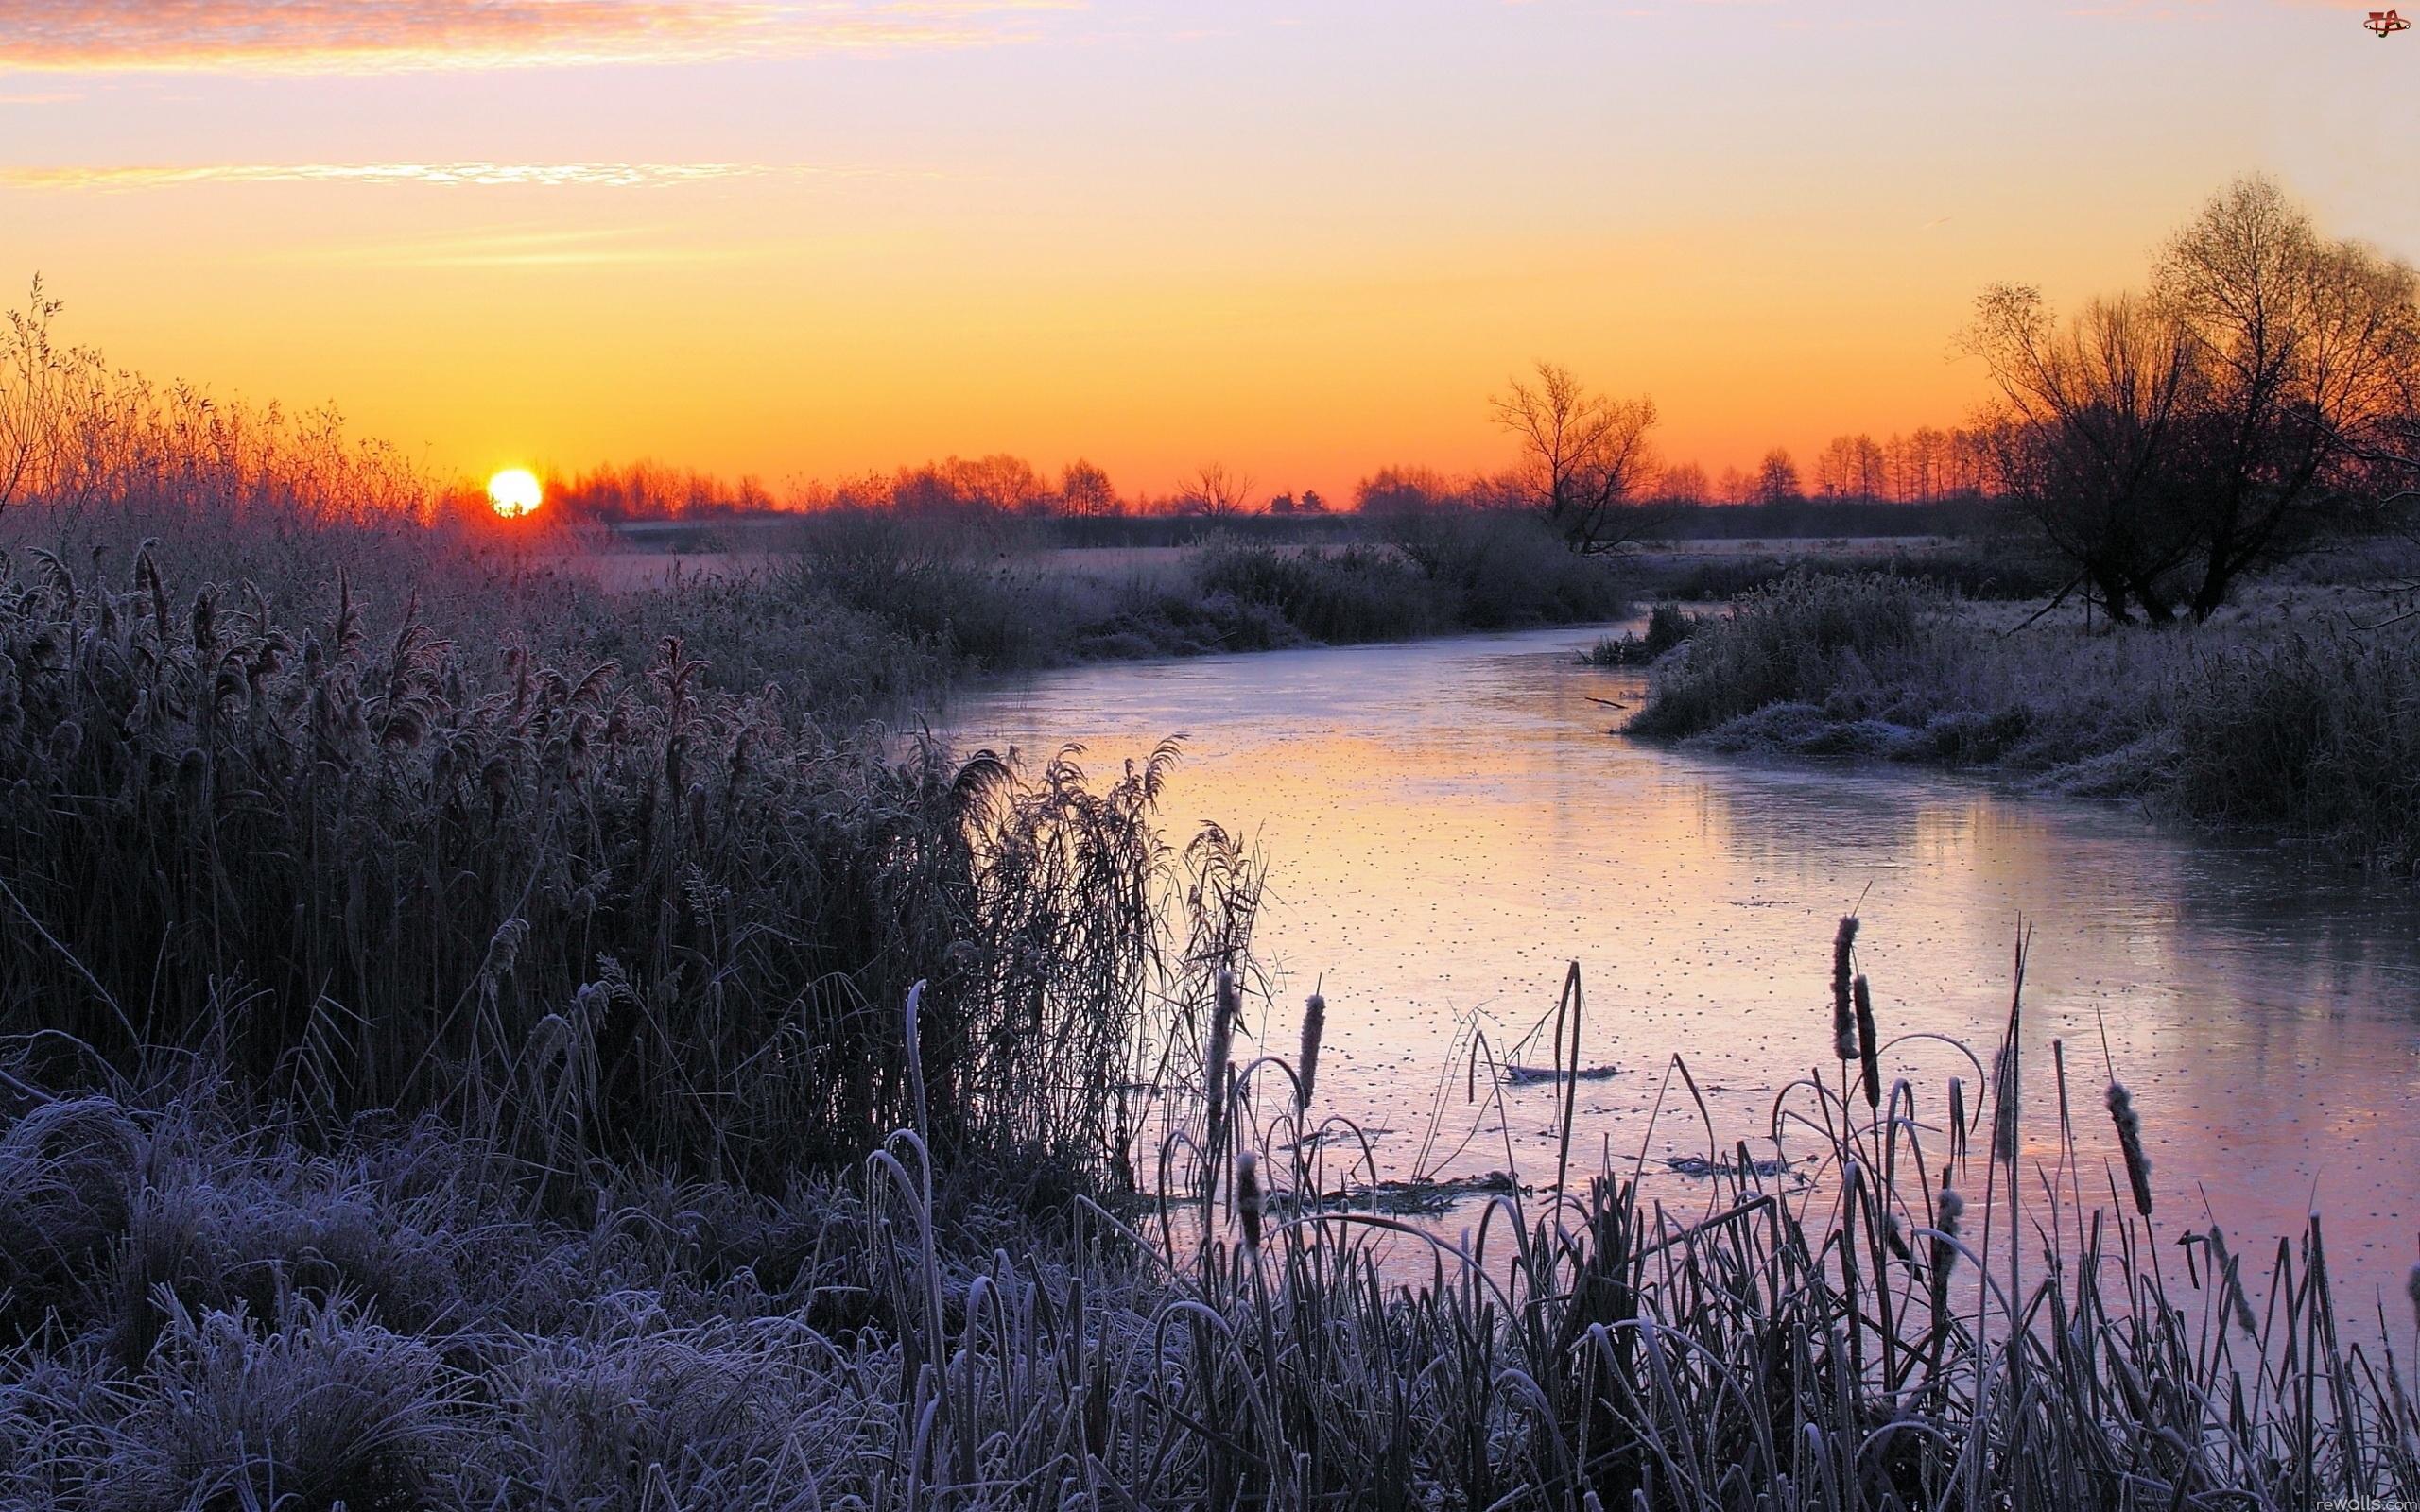 Krzewy, Słońca, Rzeka, Zima, Pola, Wschód